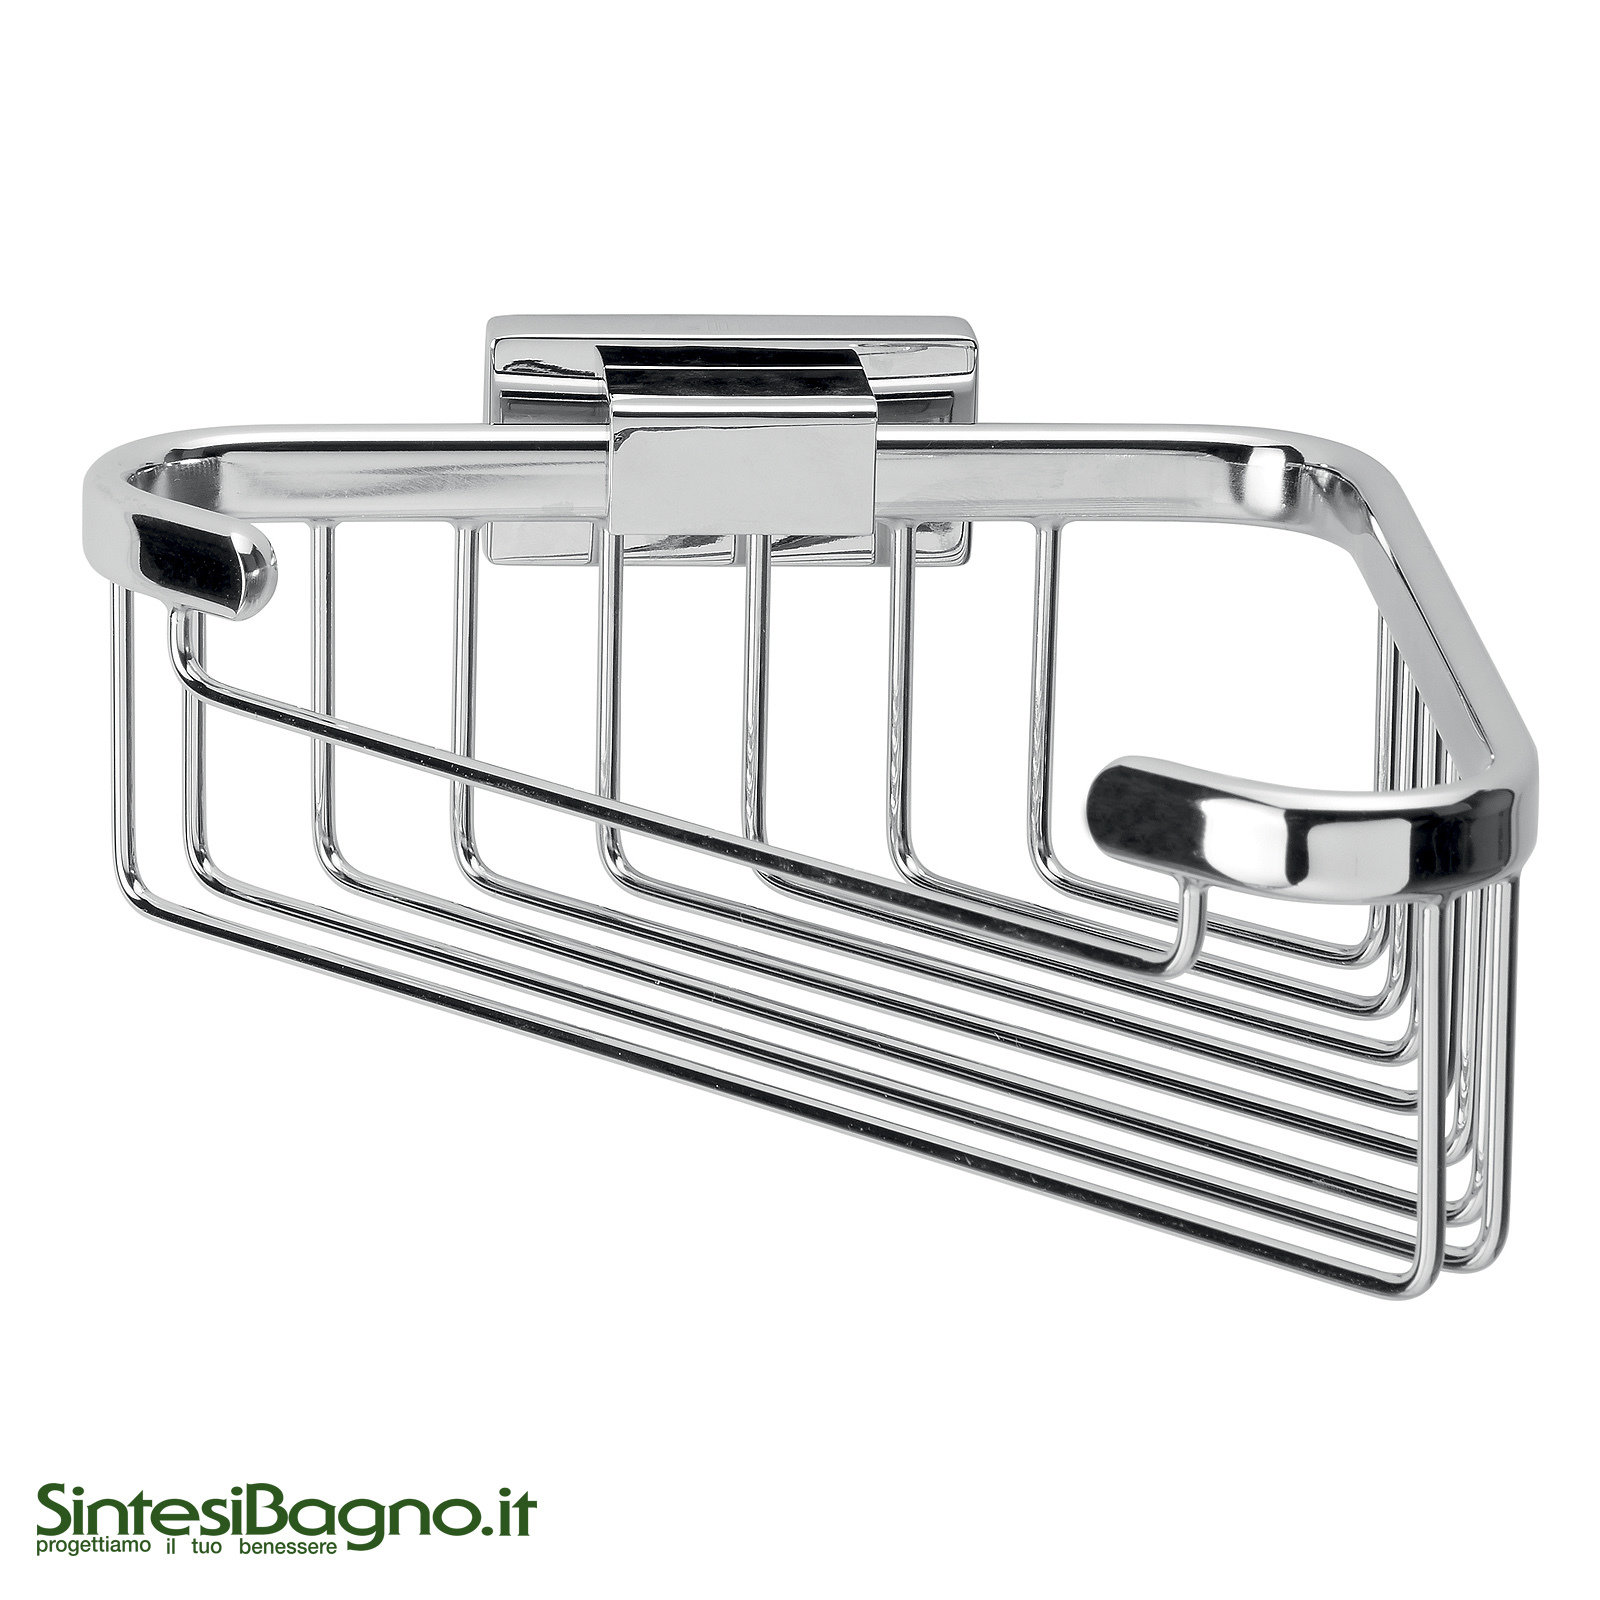 Angolare accessori bagno inda serie lea sintesibagno shop for Inda arredo bagno catalogo